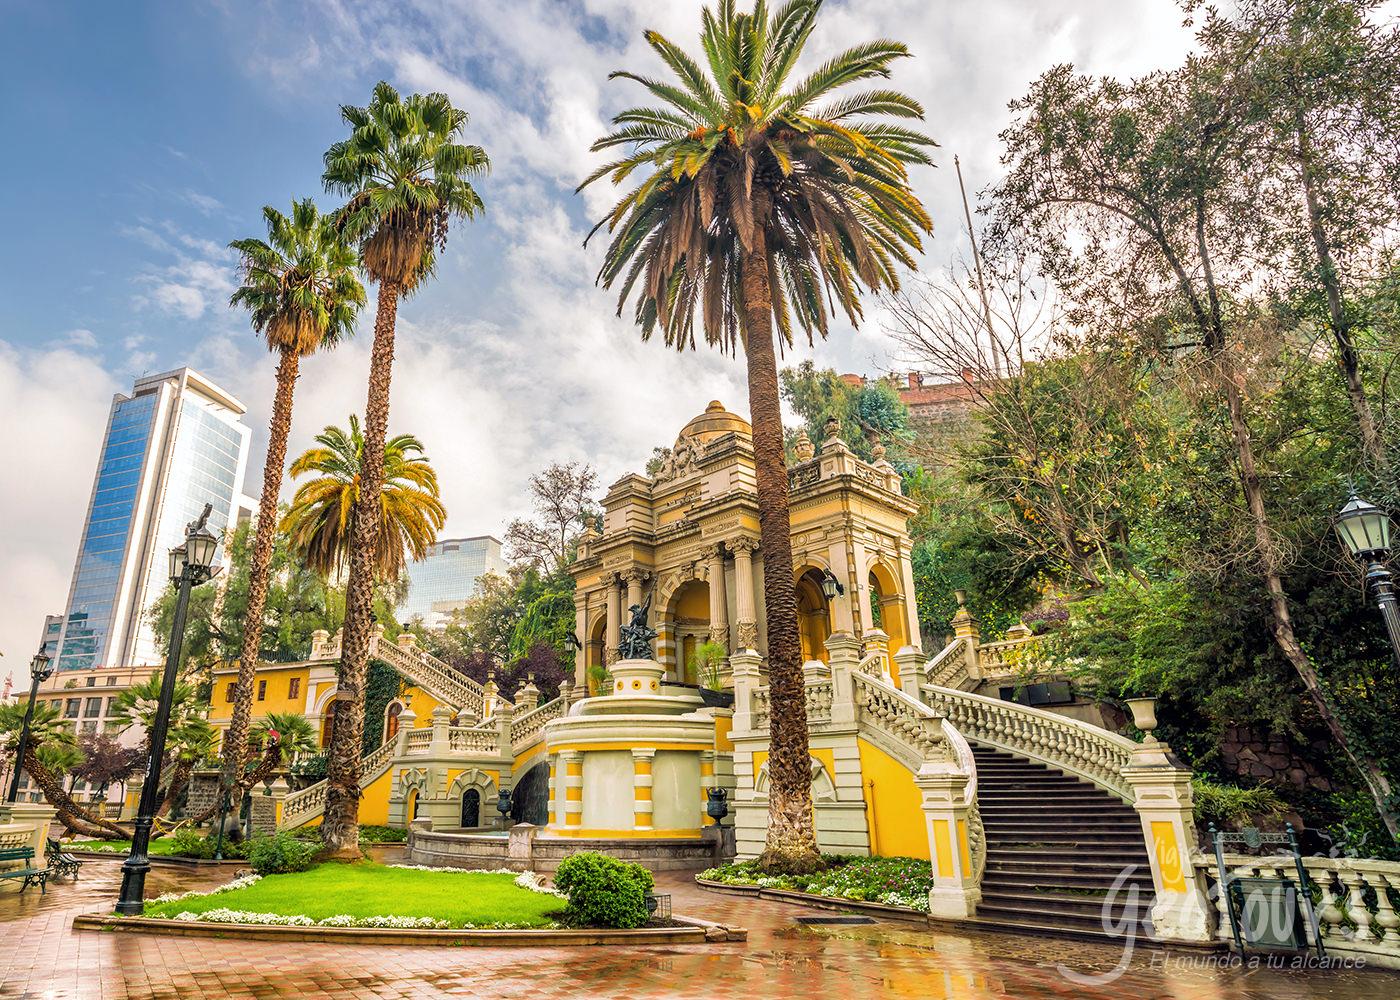 Viajes a Argentina, Bariloche y Chile 11 días